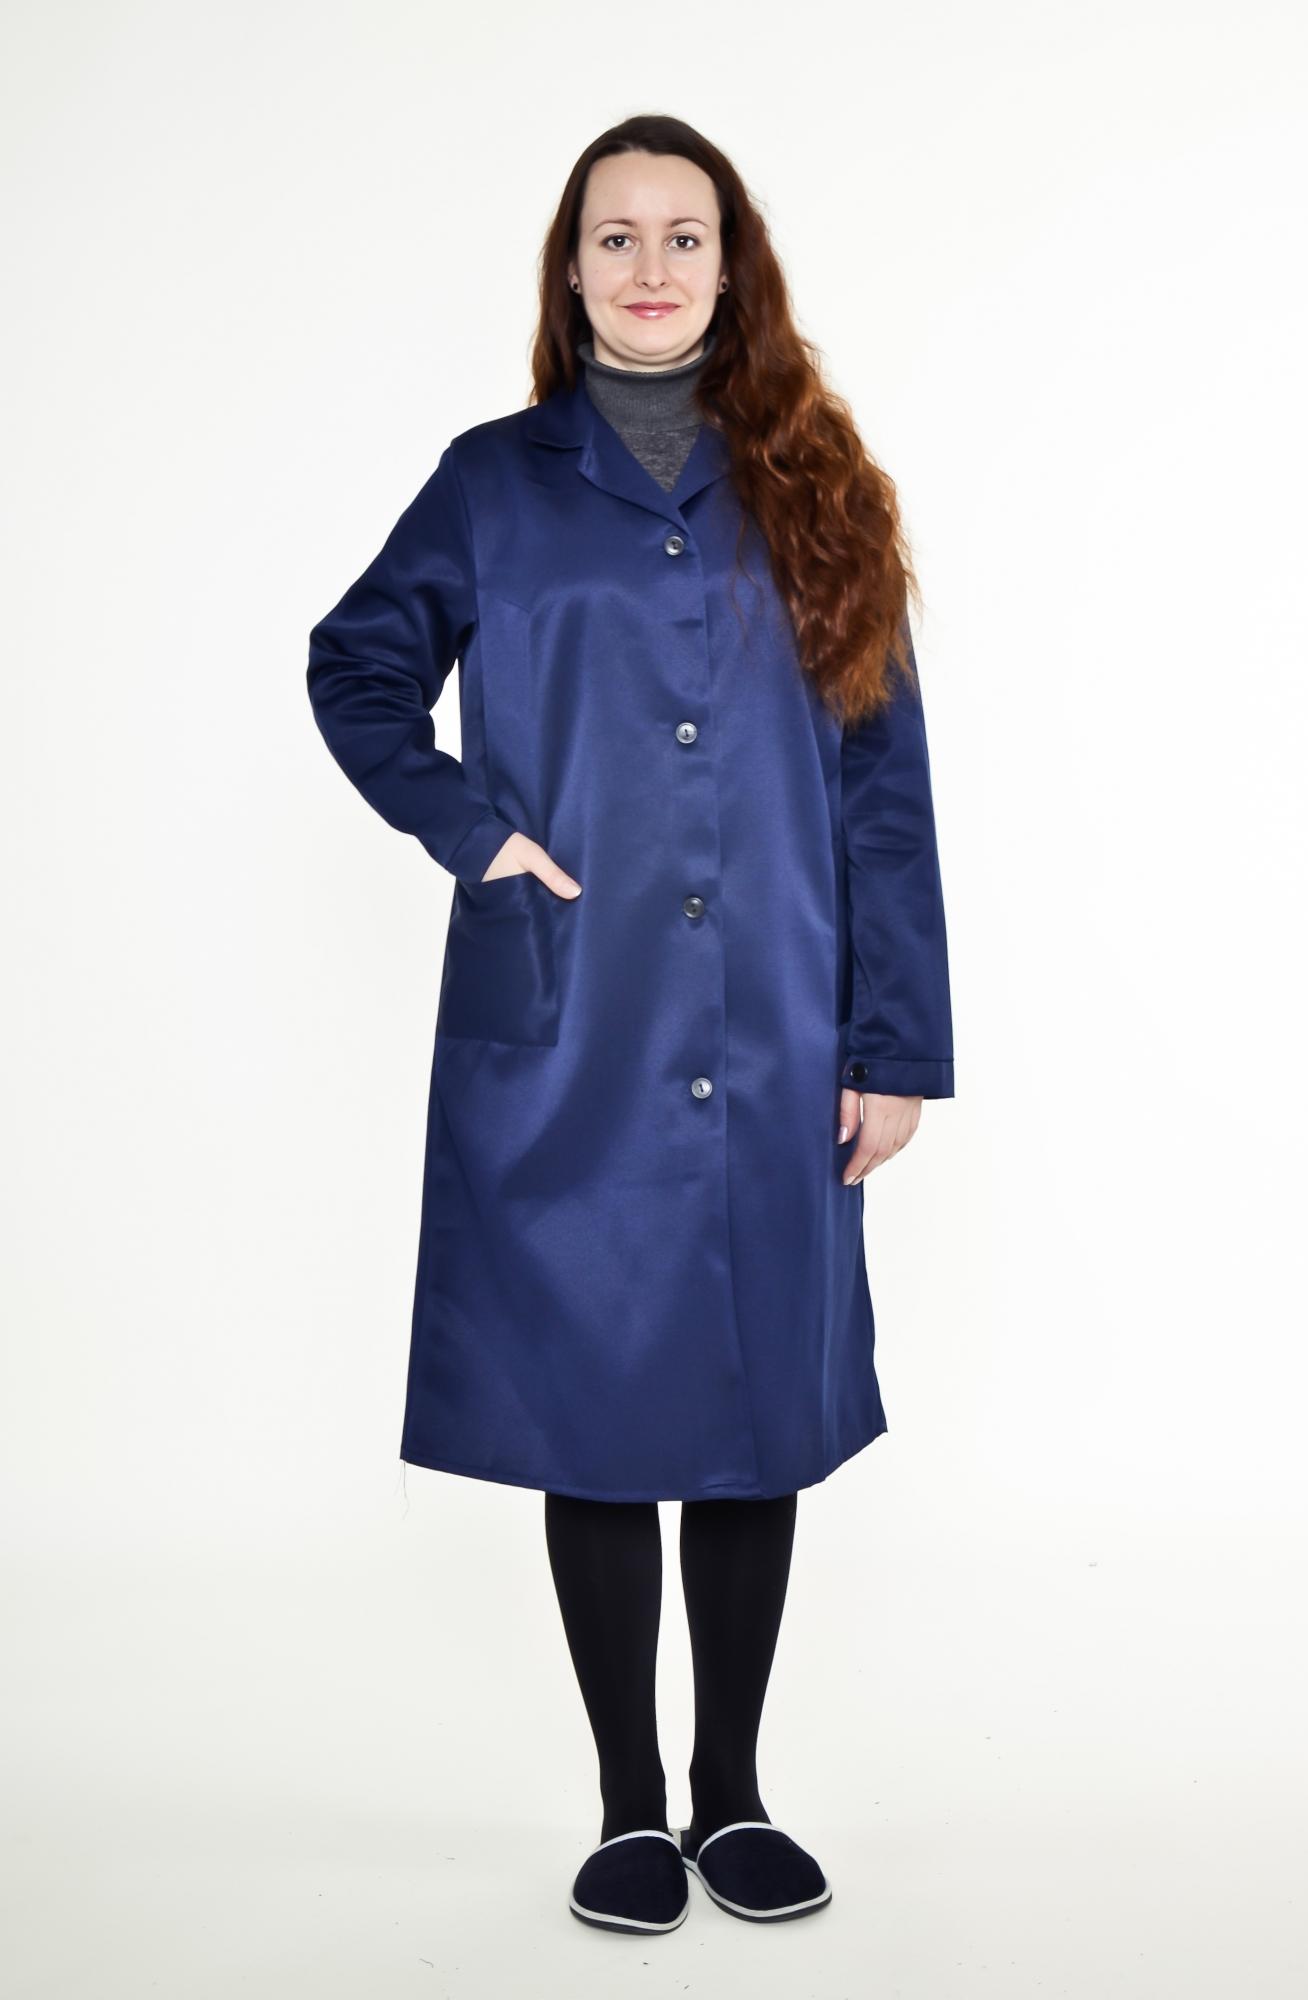 спецодежда Киев купить рабочая одежда Украина  Житомир